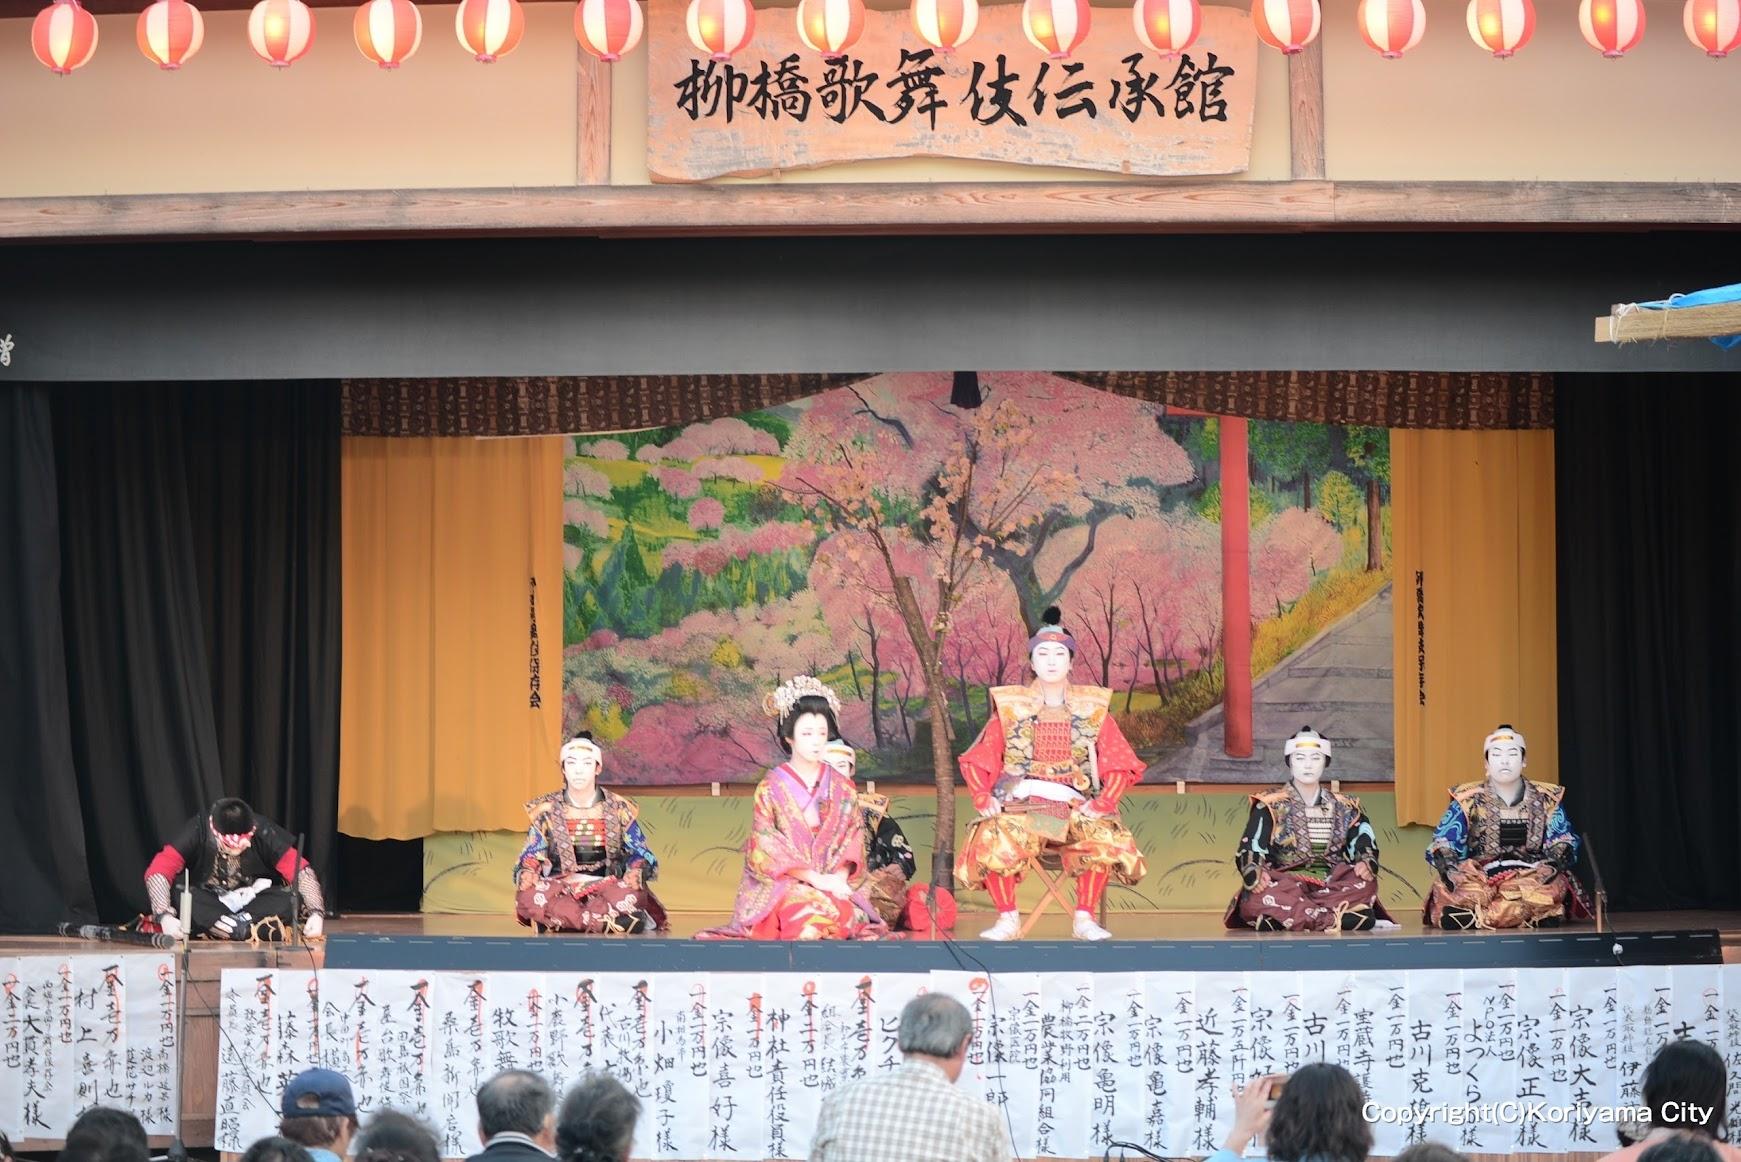 YOSAKOIに阿波踊り に 歌舞伎 な9月の イベント 郡山